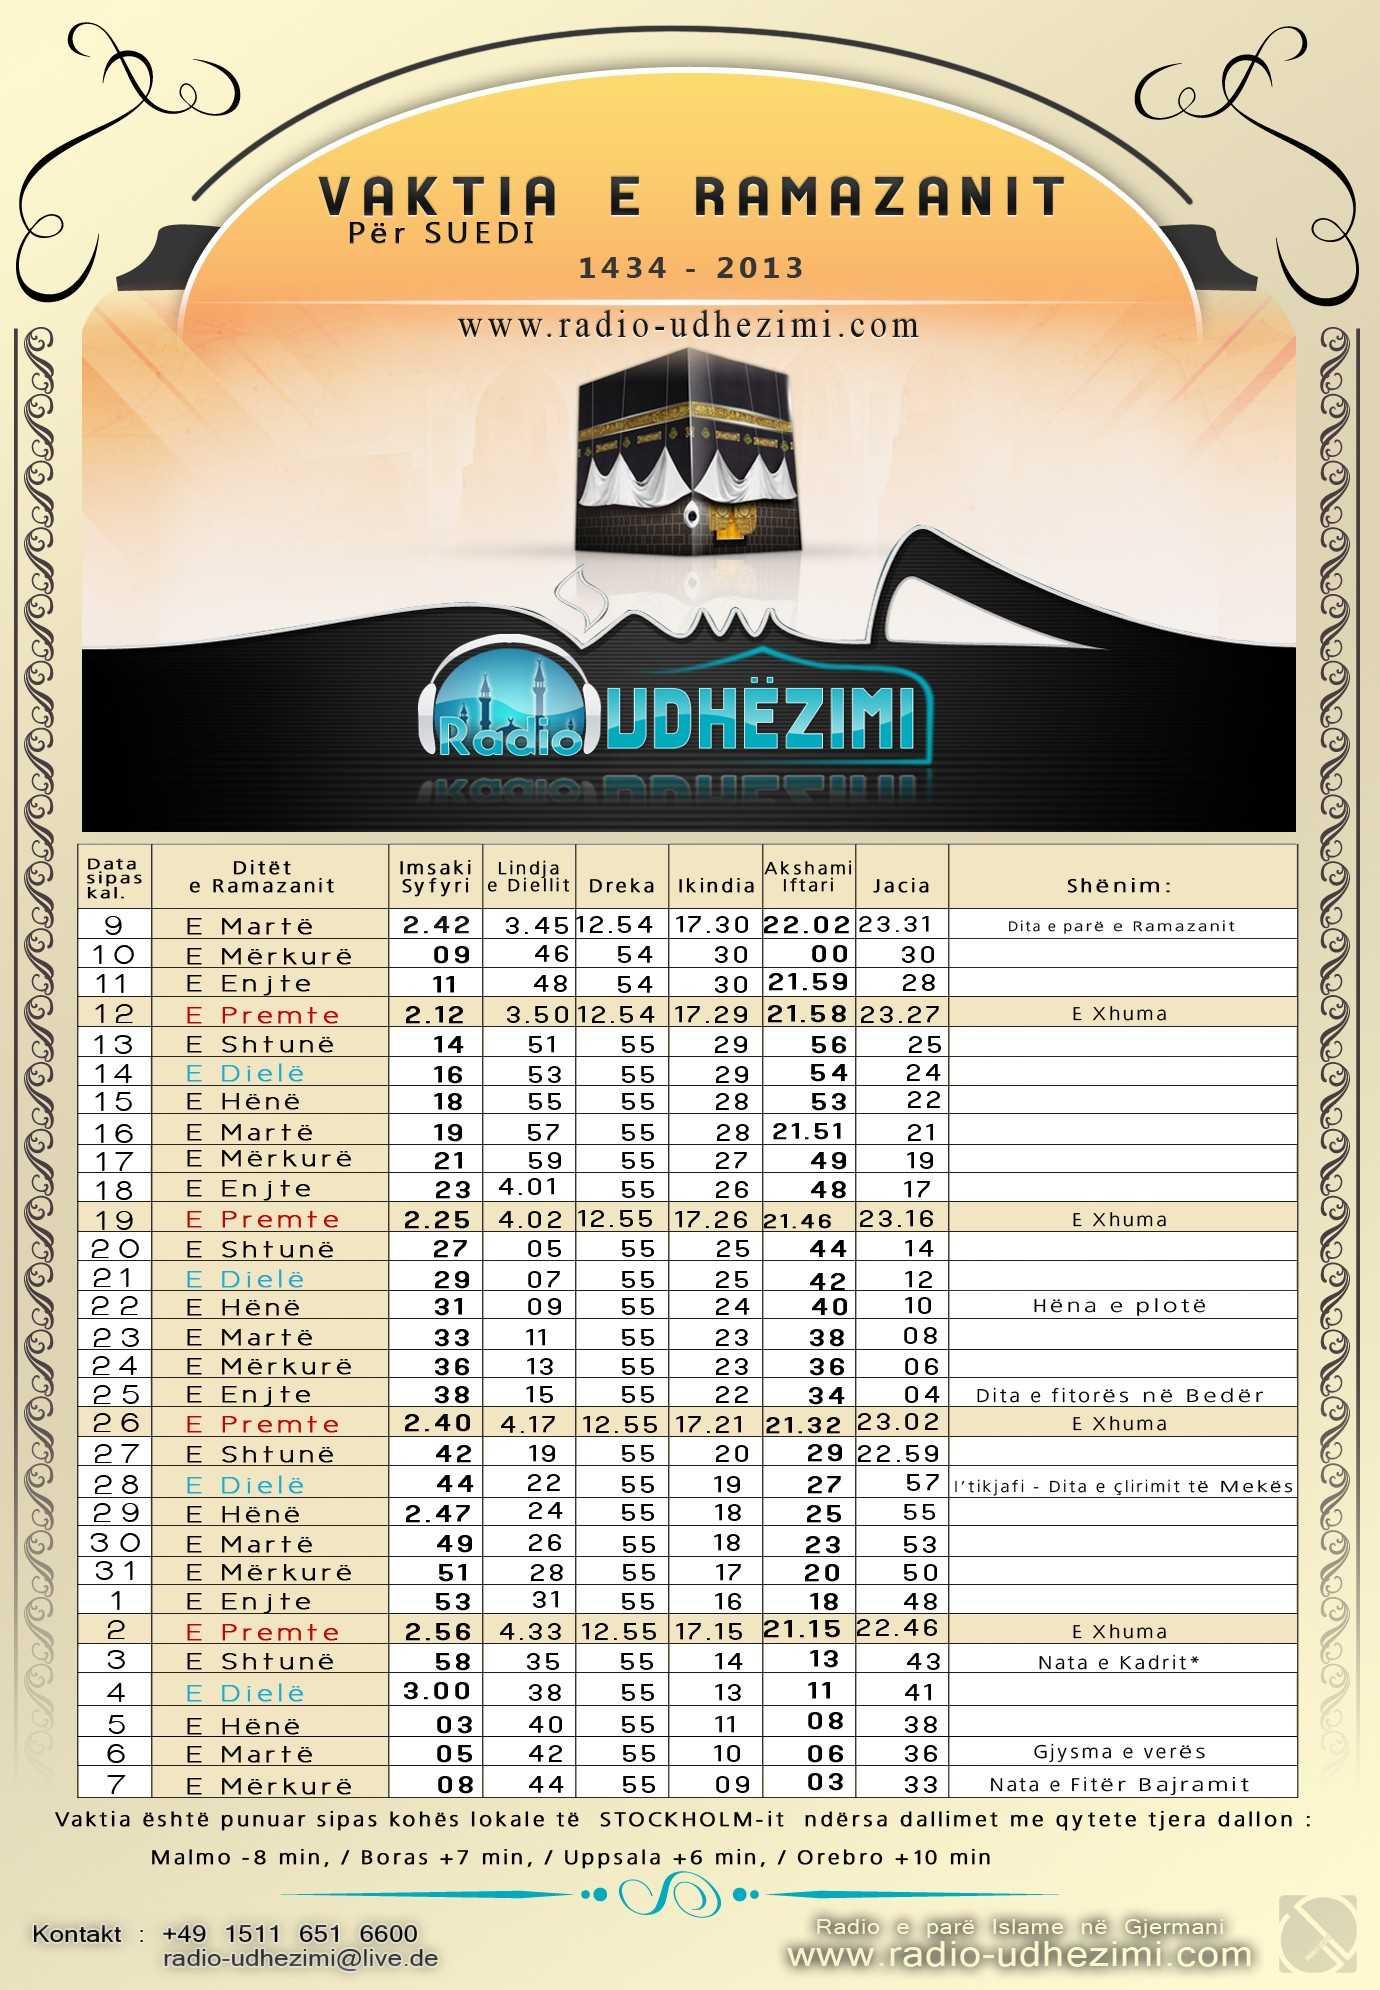 Vaktite e Ramazanit ne shume shtete te botes | Mjeksia Islame